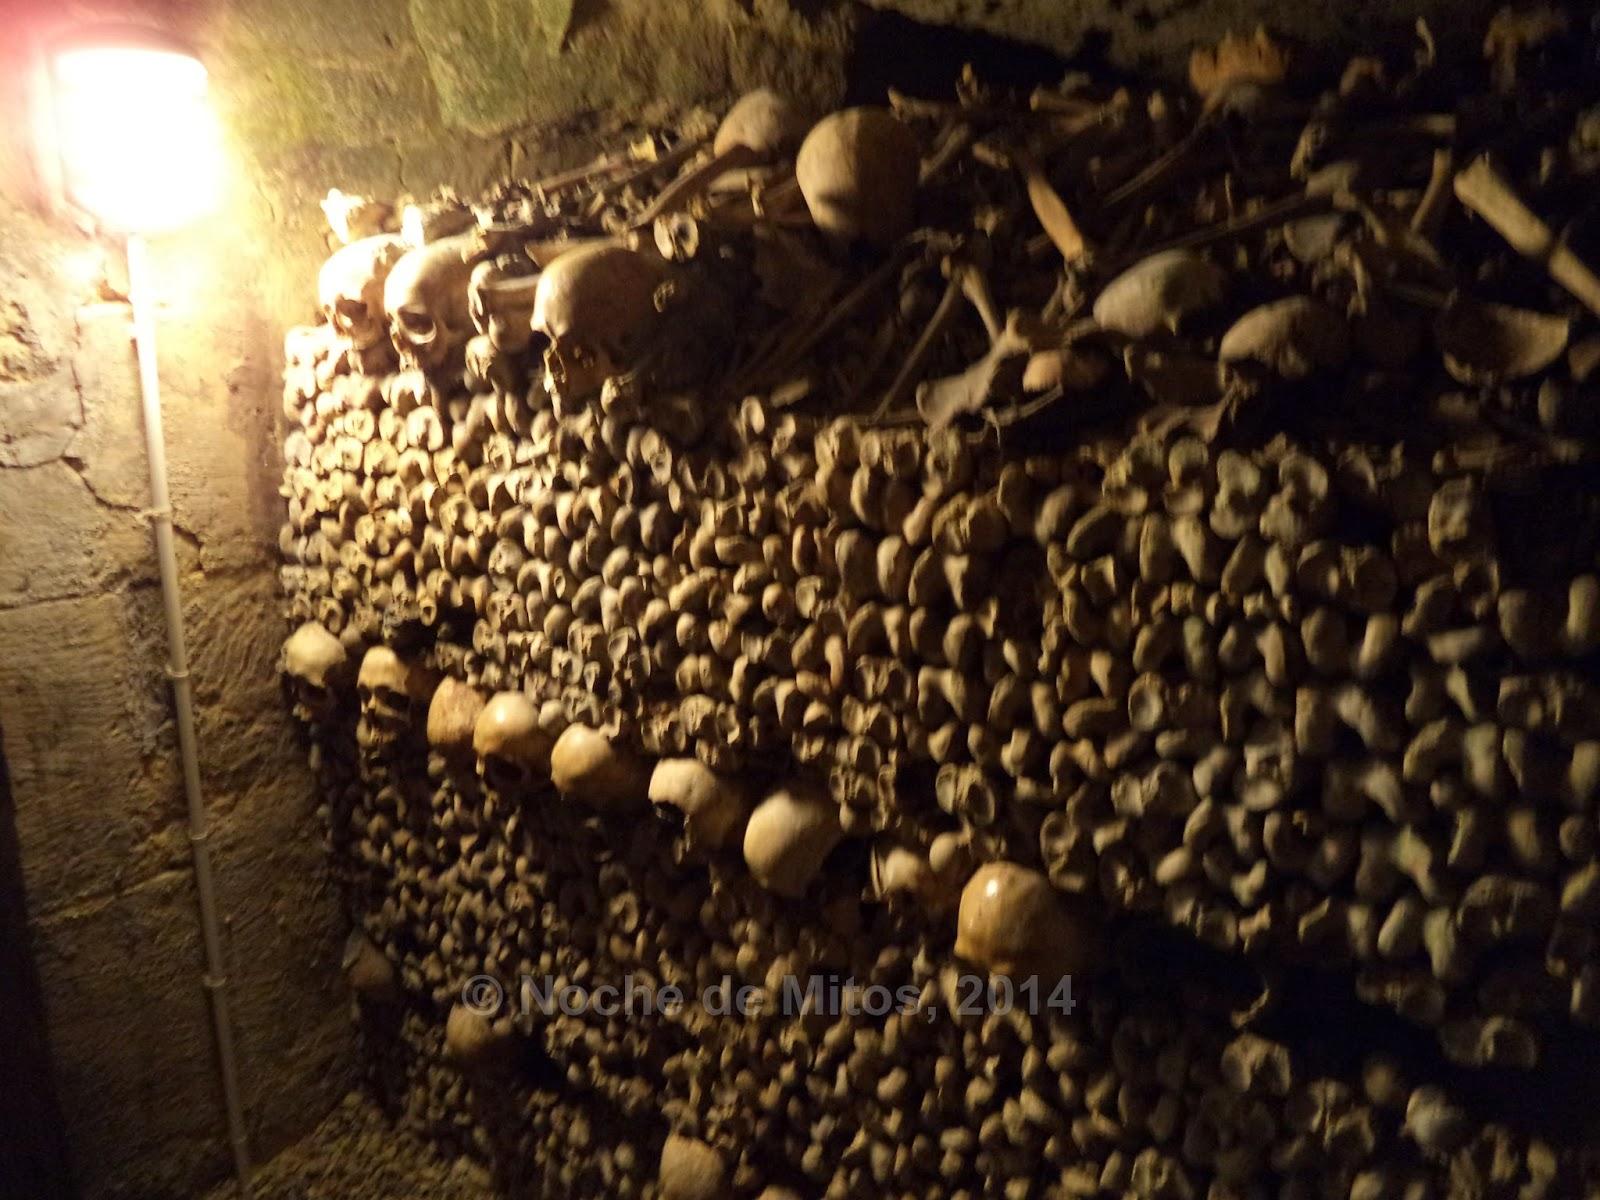 http://nochedemitos.blogspot.com.es/2014/12/album-de-fotos-noche-de-mitos-en-las.html